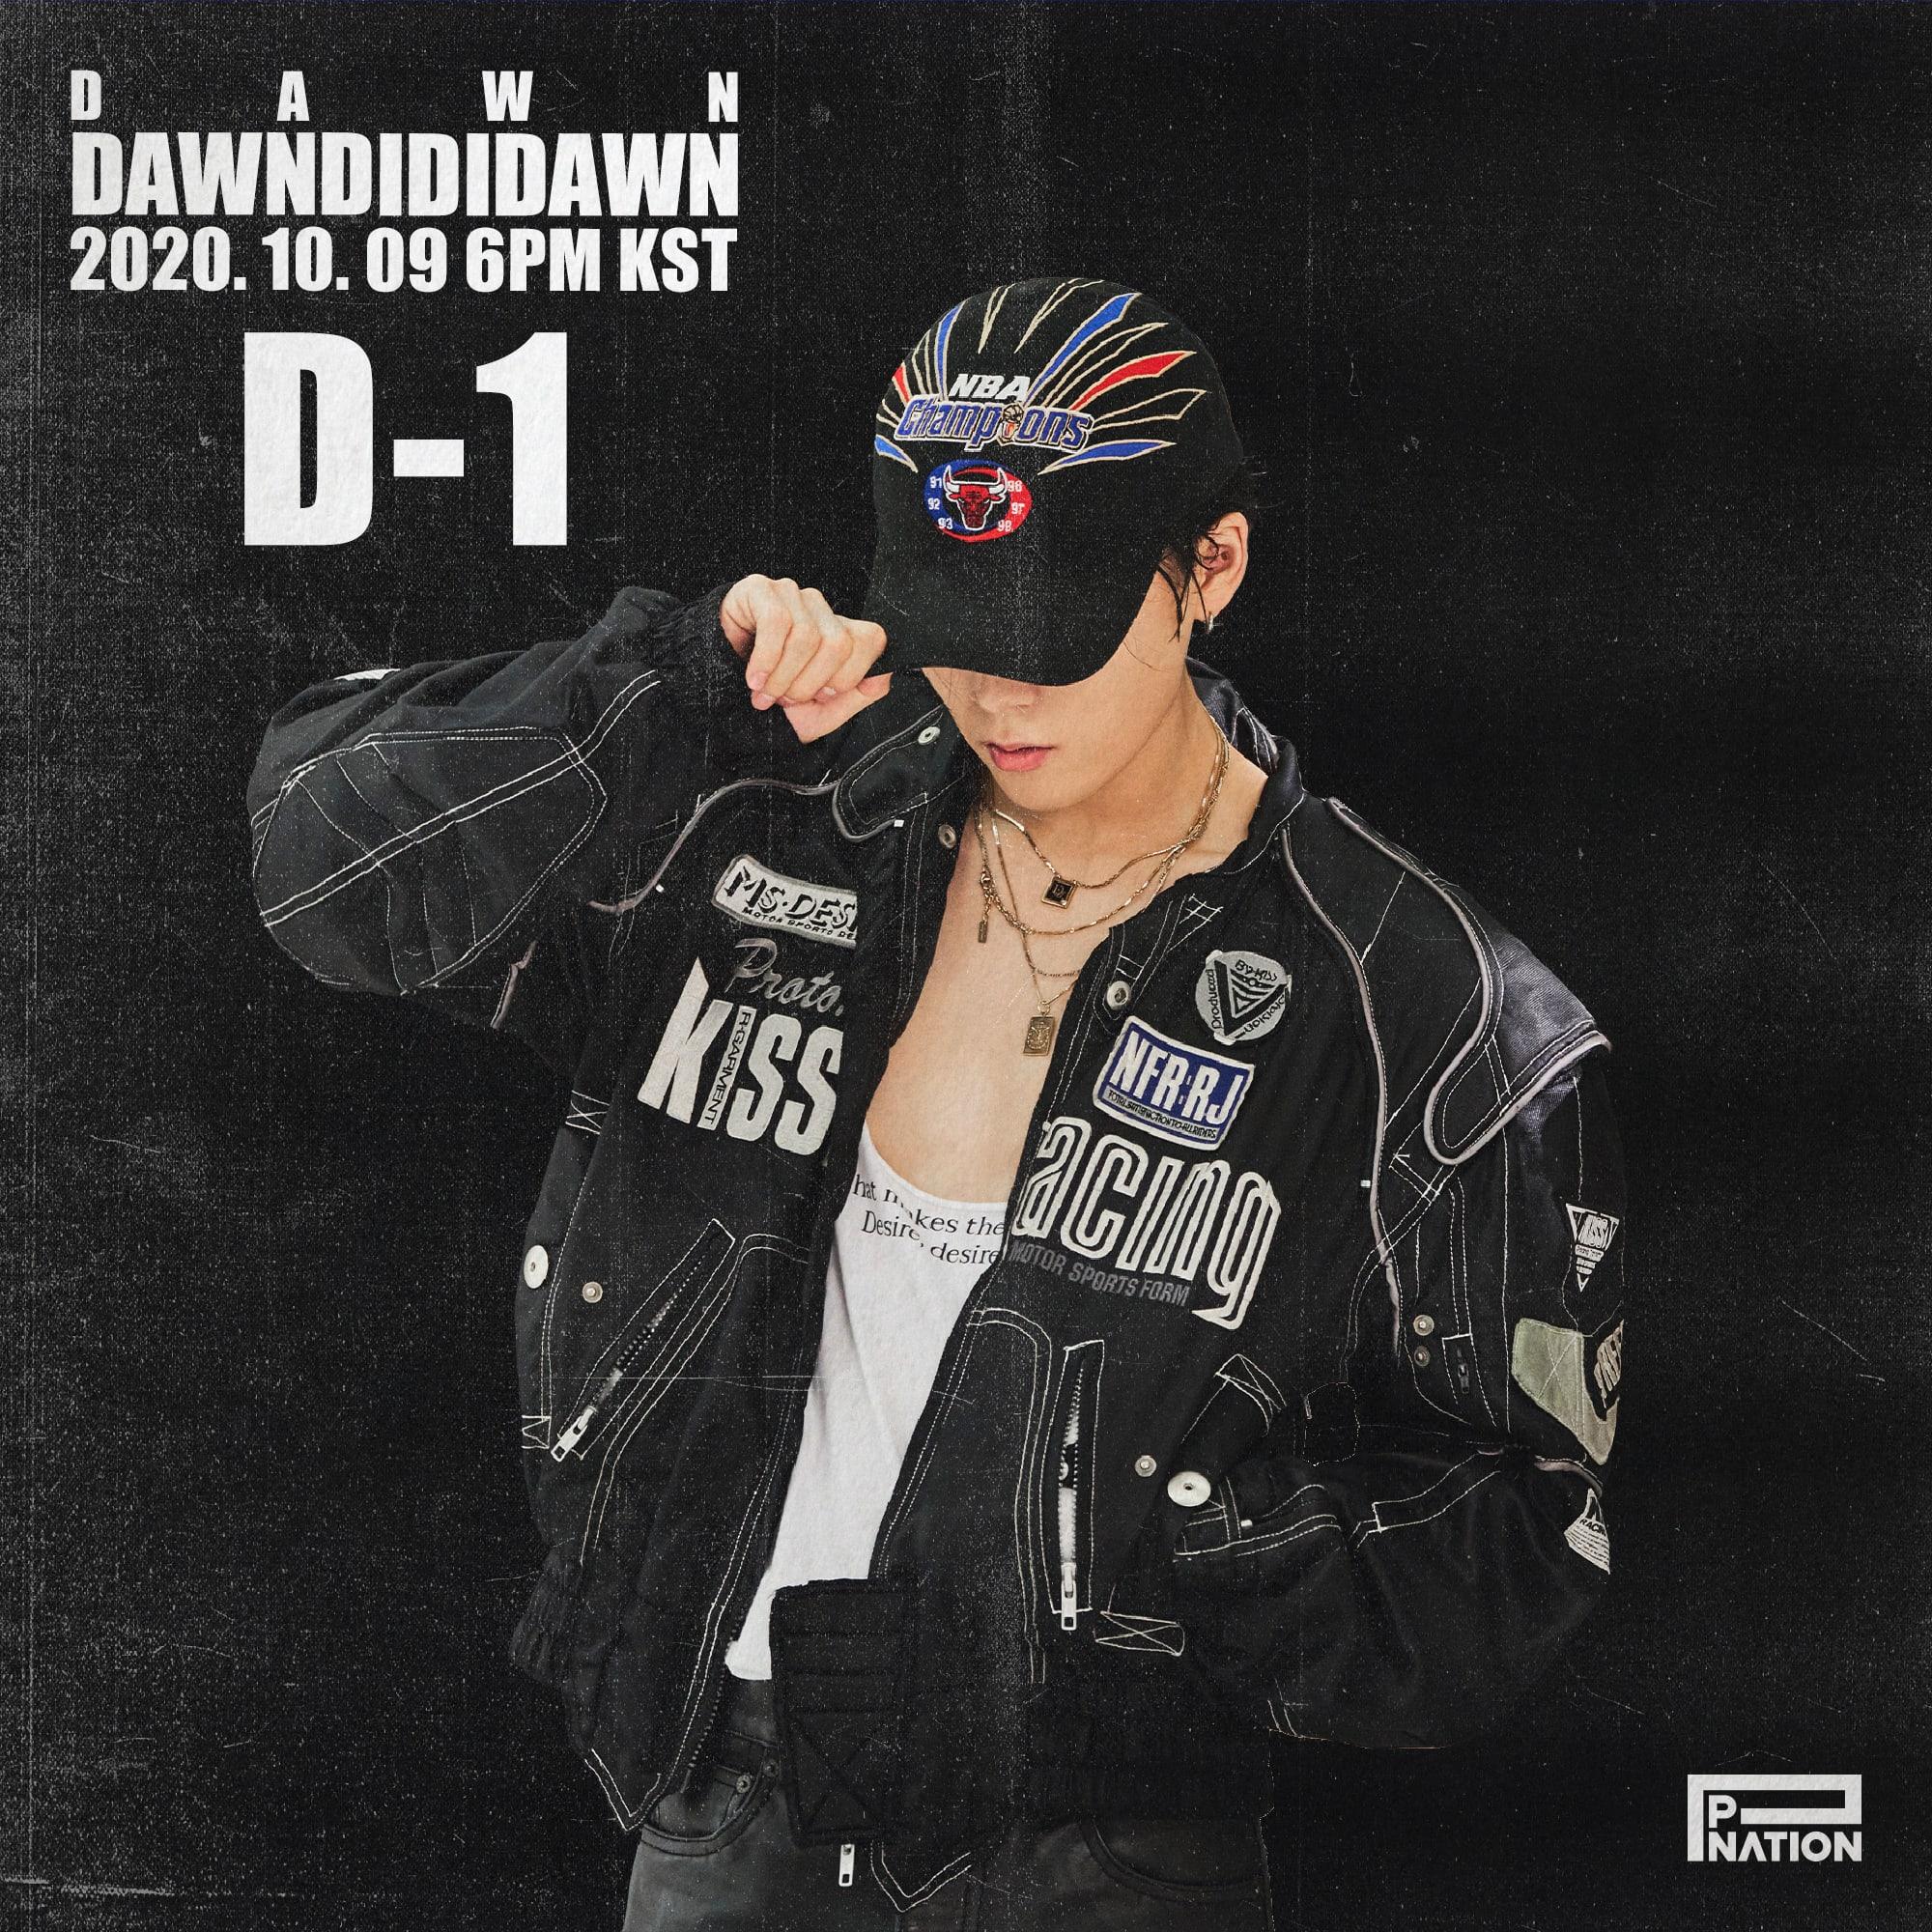 dawn 23